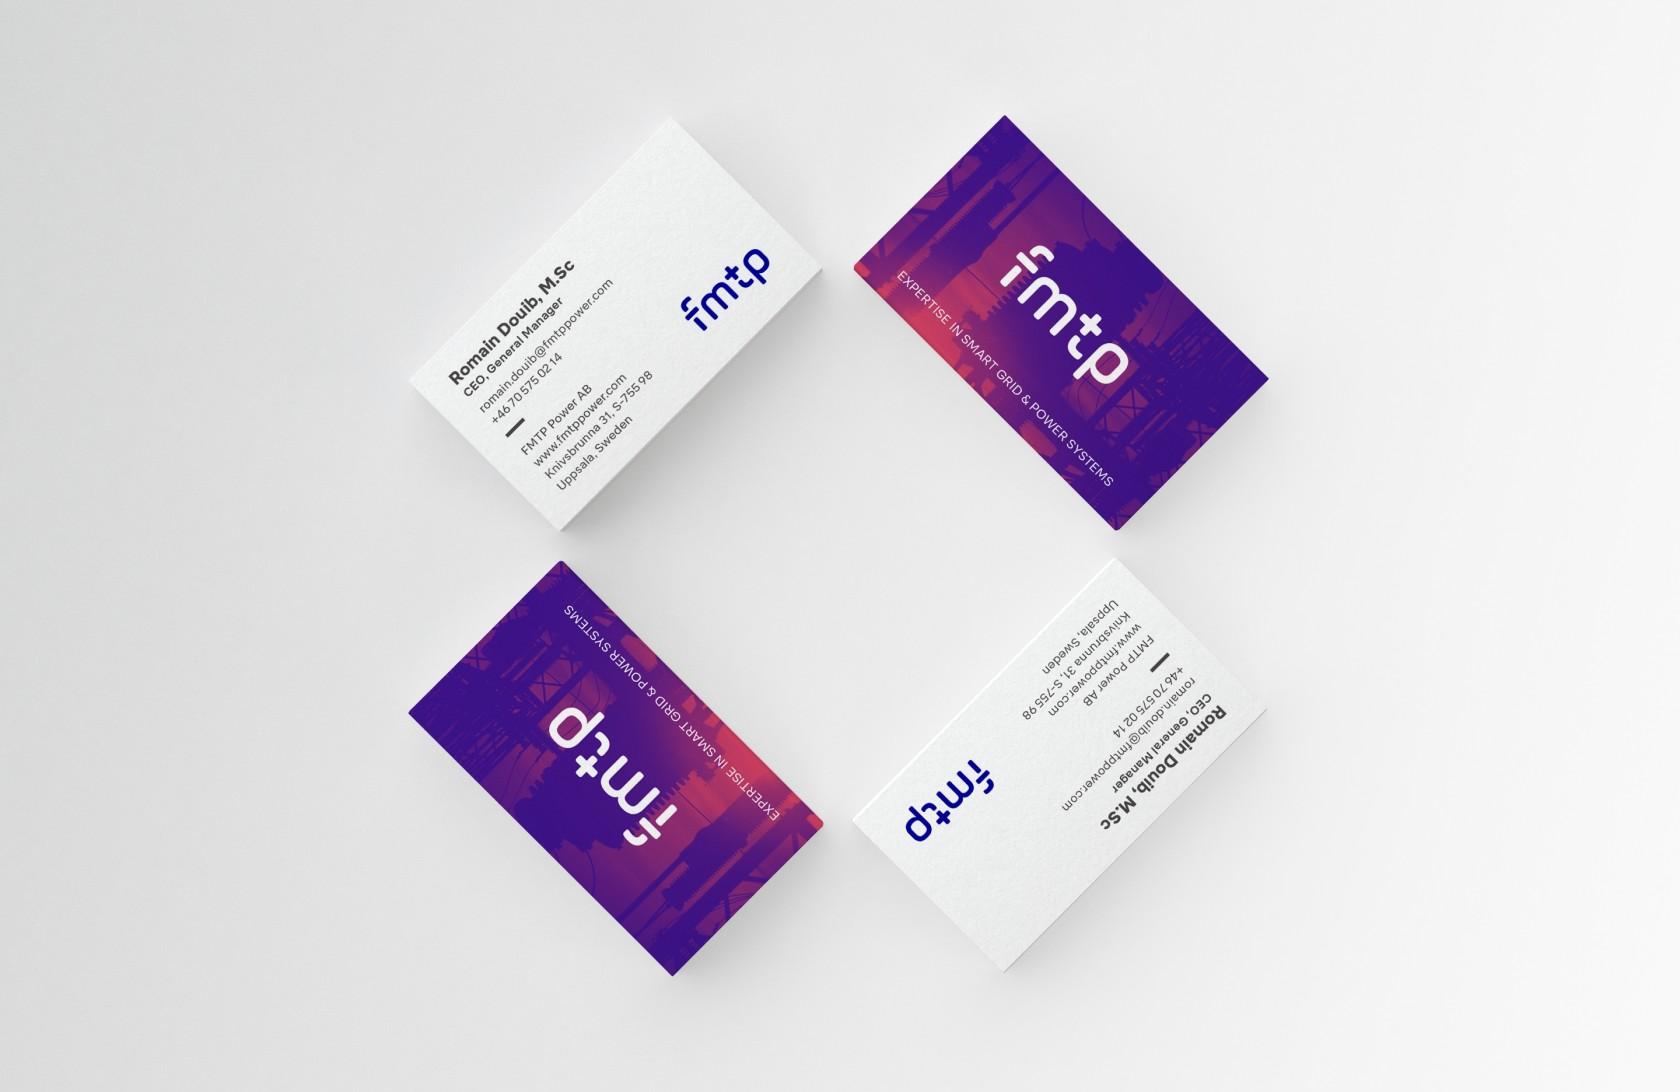 Visitkort och övrigt grafiskt material, ett intressant uppdrag inom design & kommunikation av Phosworks 4